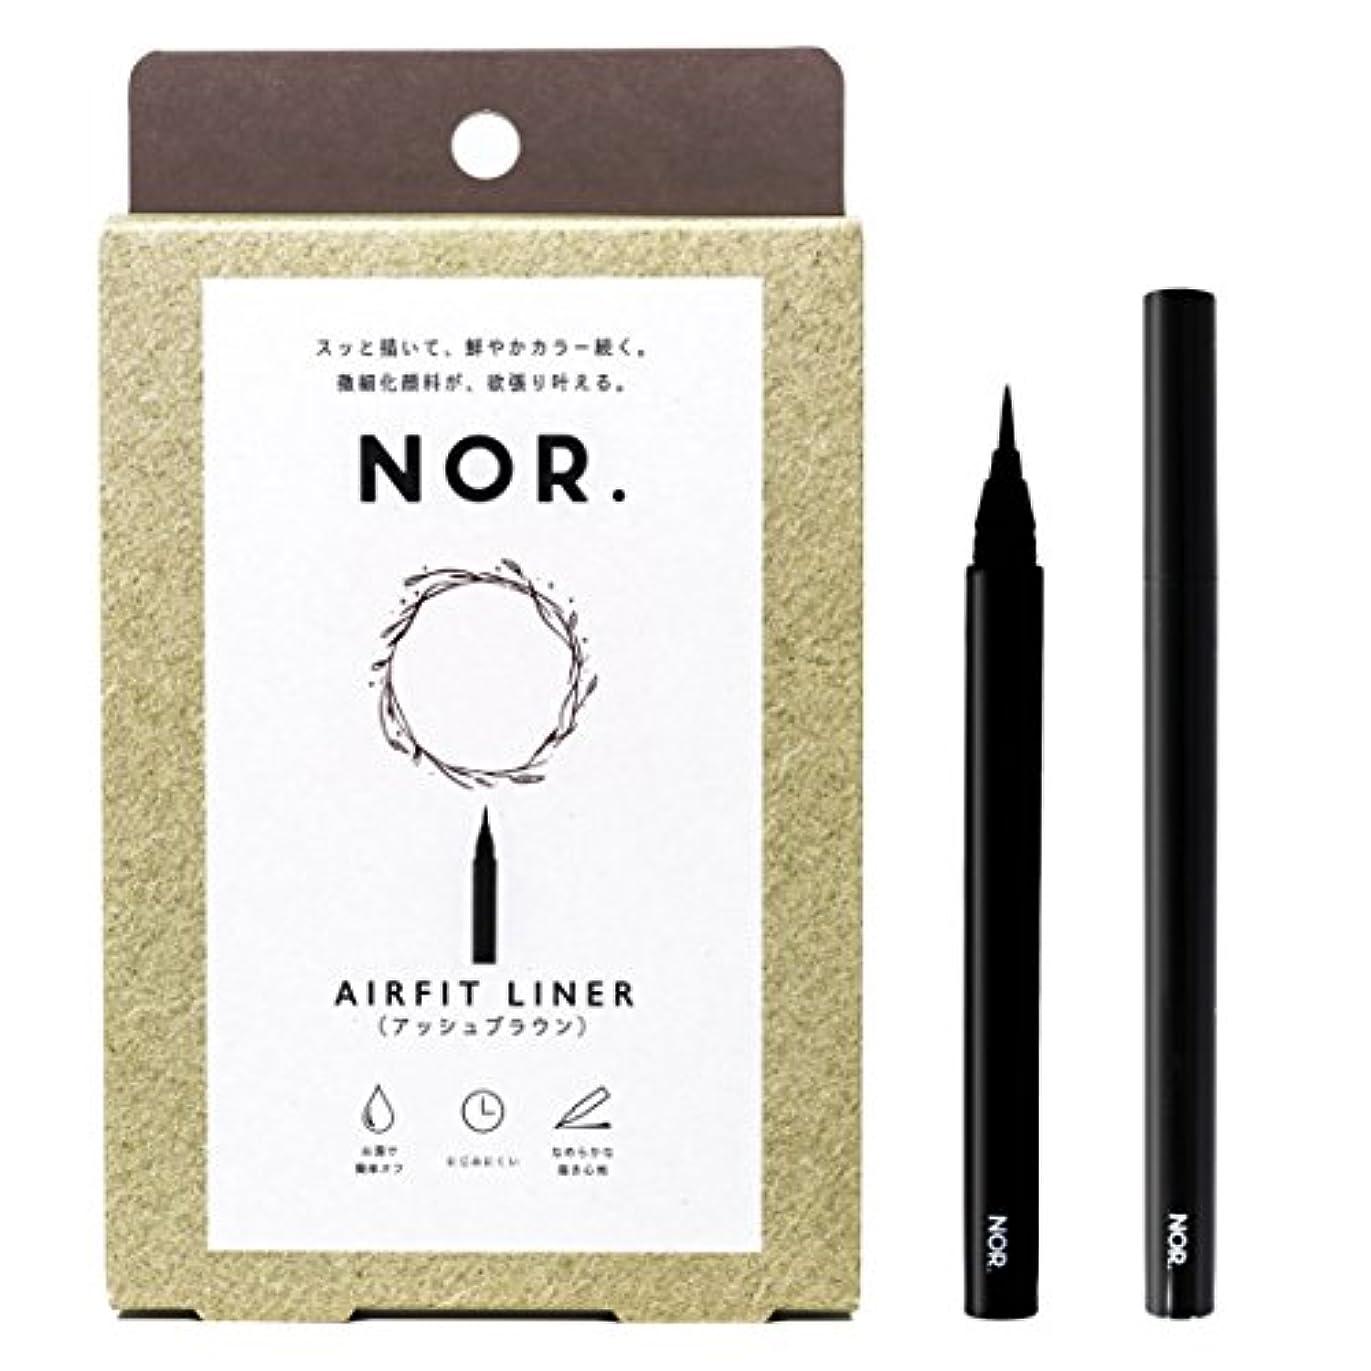 自動ファーザーファージュ高潔なNOR.(ノール)エアフィットライナー (アッシュブラウン)/リキッド/スッと書いて、落ちにくい。高耐久性×速乾性×簡単オフ